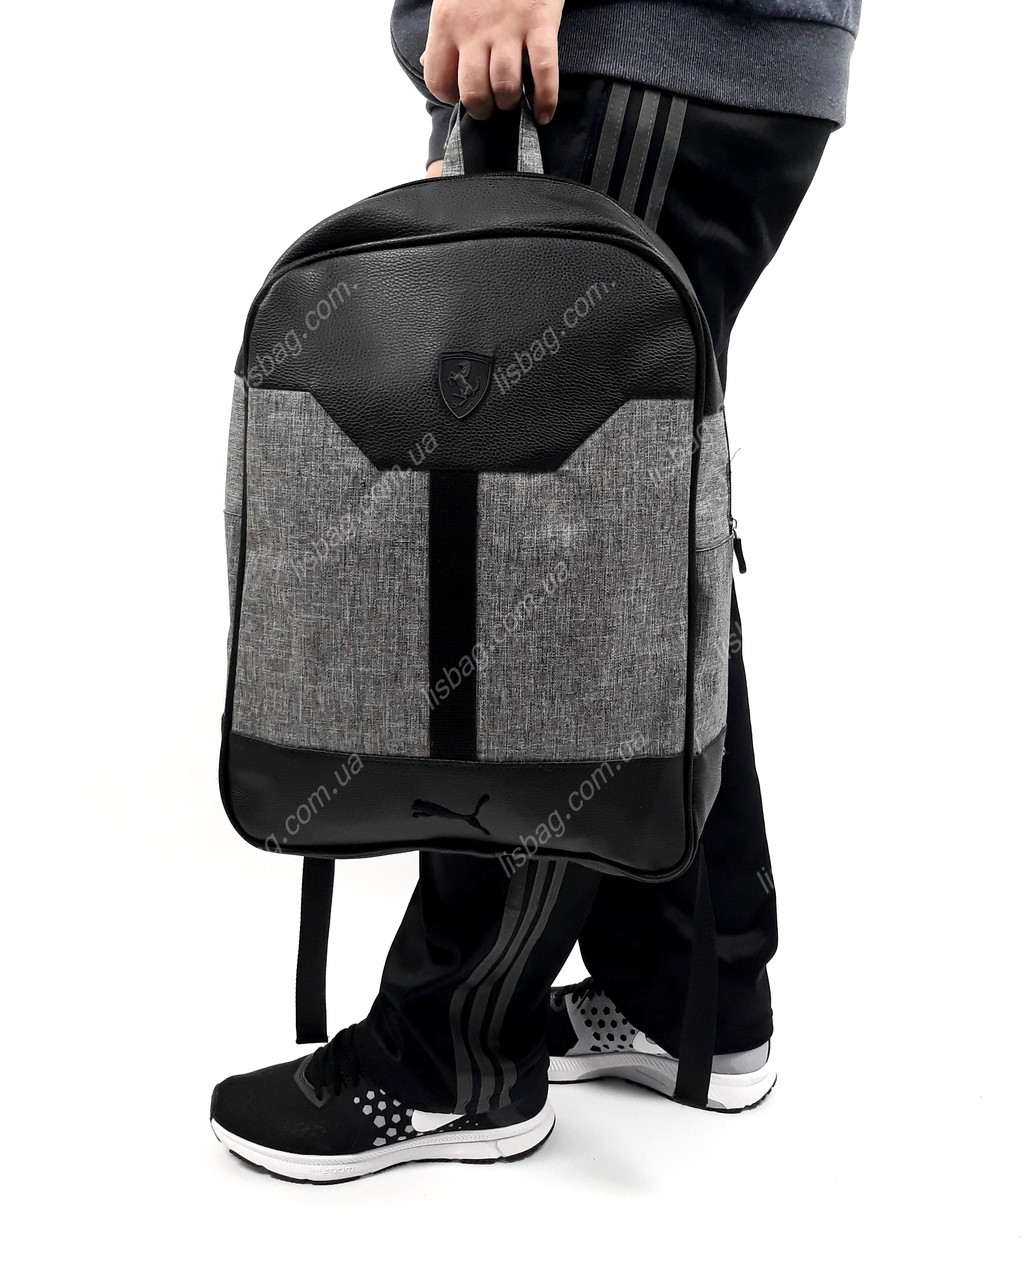 1729e0d7d8a0 Рюкзак PUMA-Ferrari с кожаным дном спортивный городской стильный на каждый  день Серо Черный -